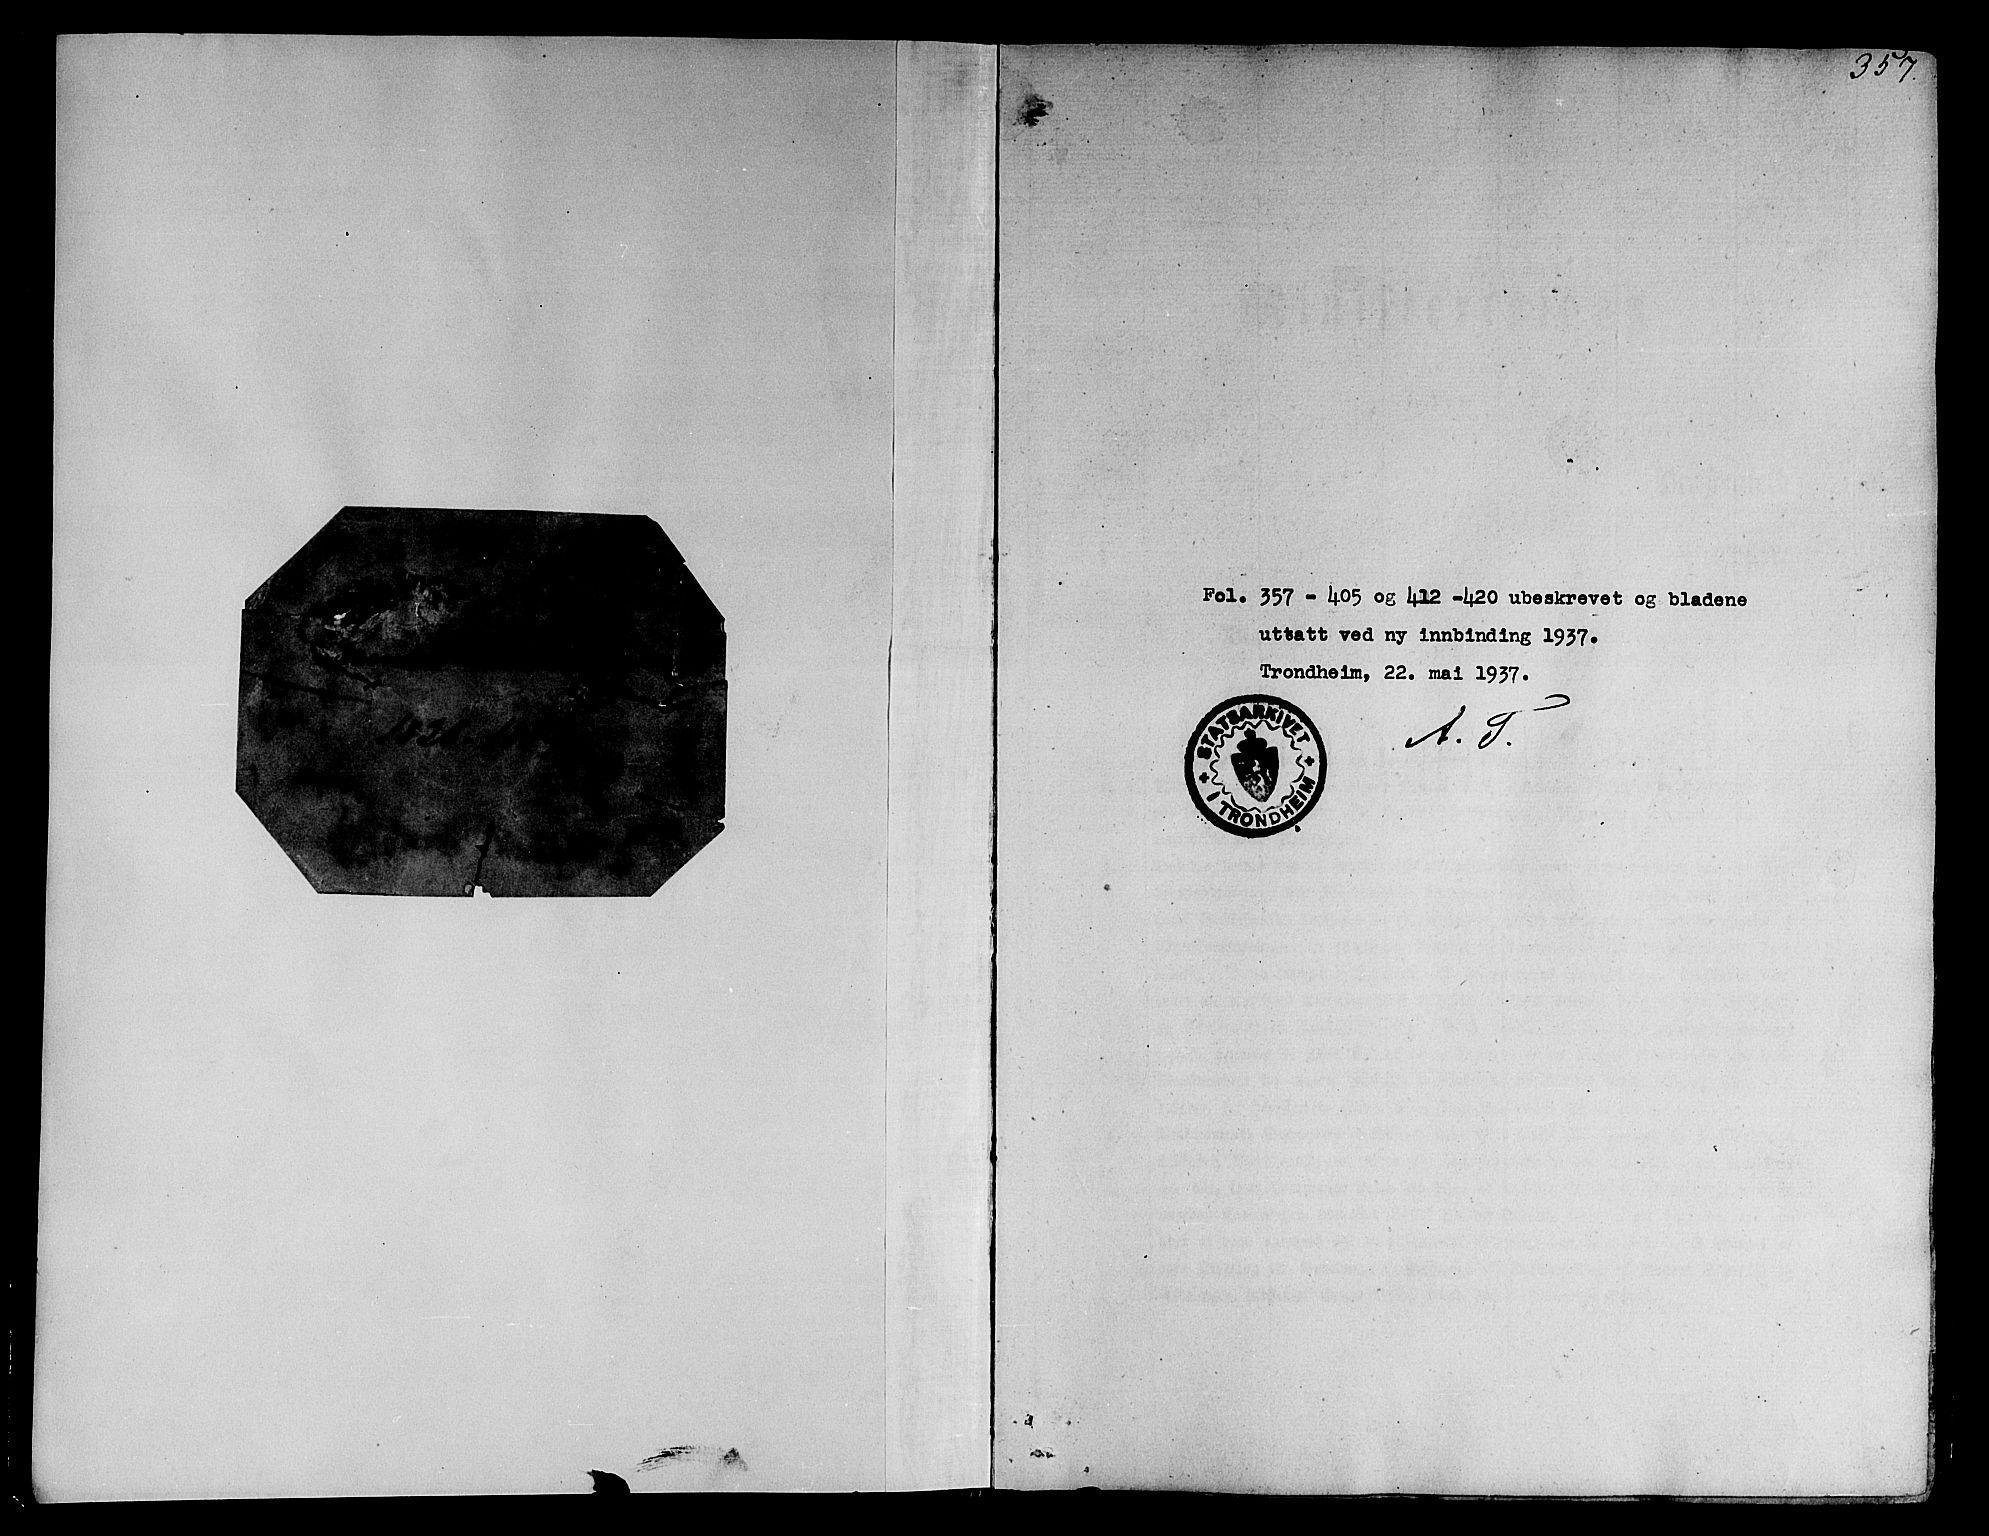 SAT, Ministerialprotokoller, klokkerbøker og fødselsregistre - Sør-Trøndelag, 668/L0804: Ministerialbok nr. 668A04, 1826-1839, s. 357